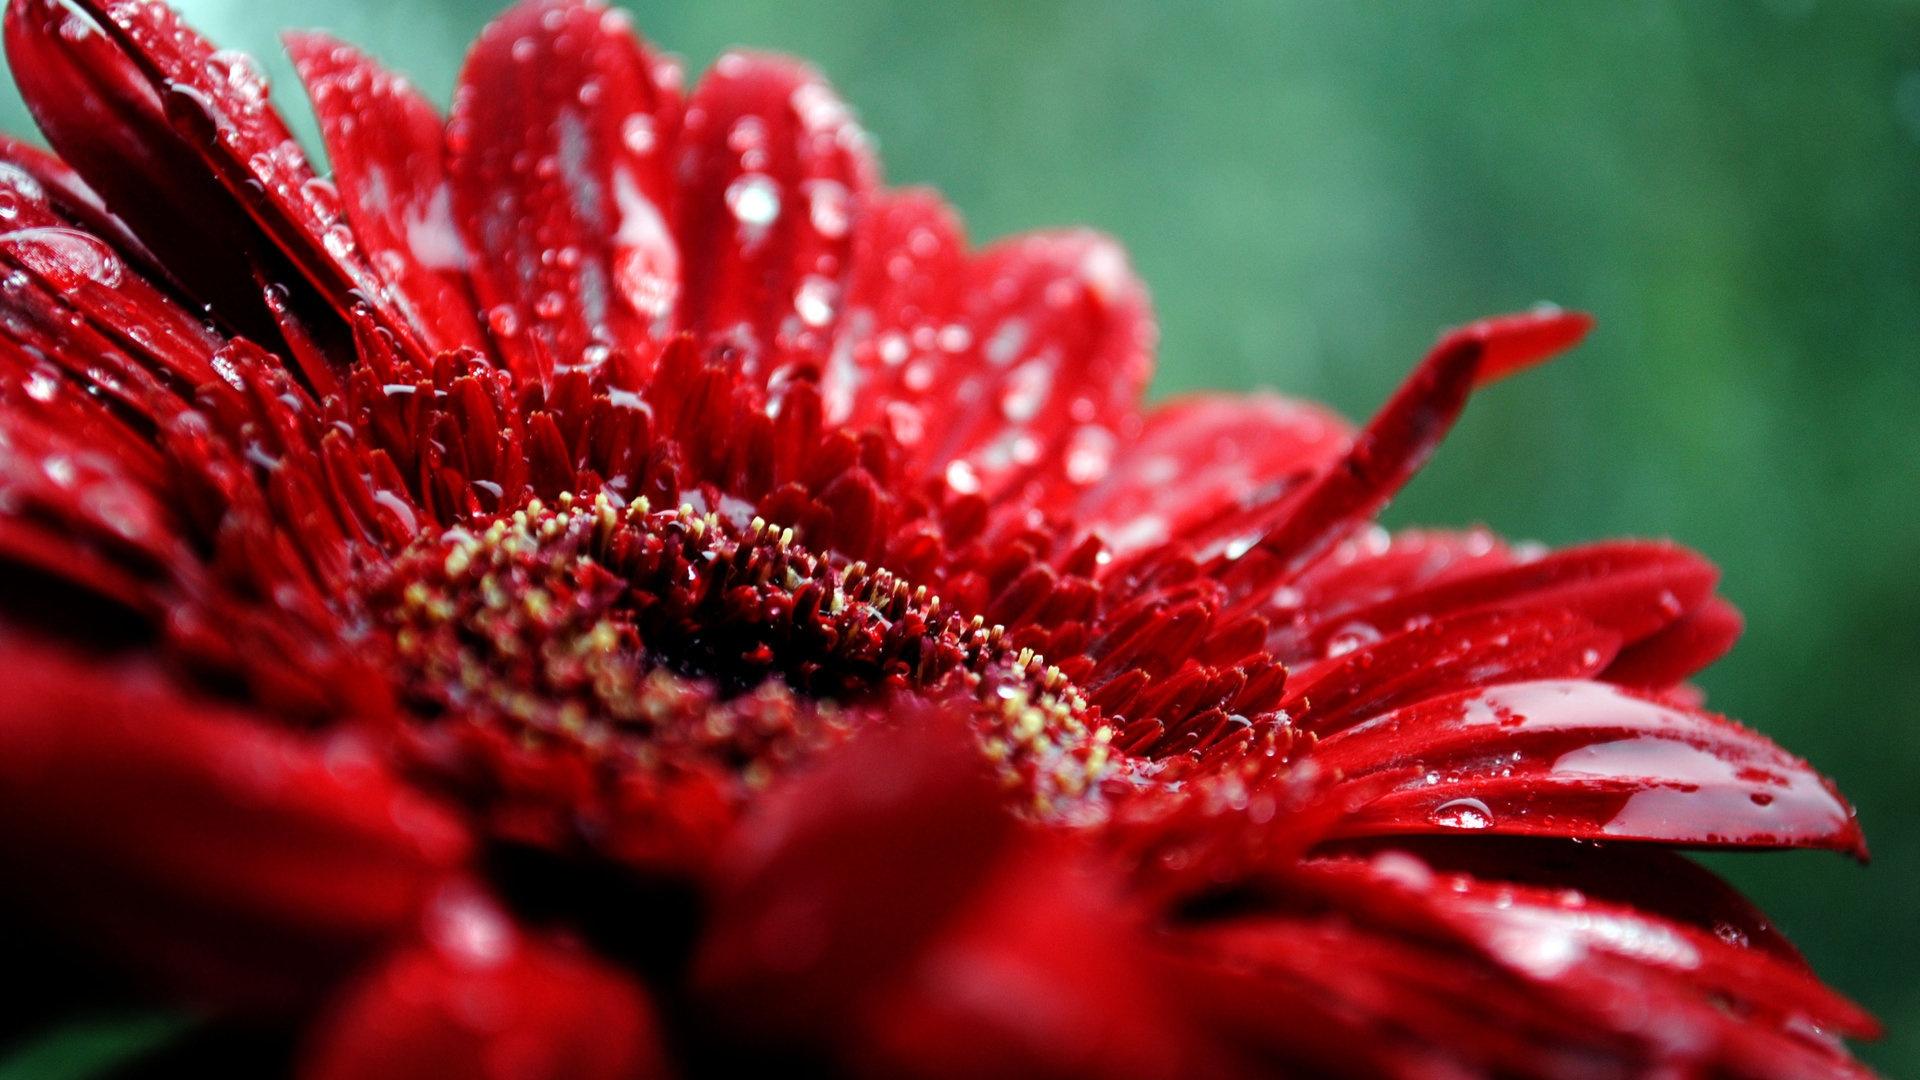 Flower Drop Moisture Red Dark 17716 1920x1080